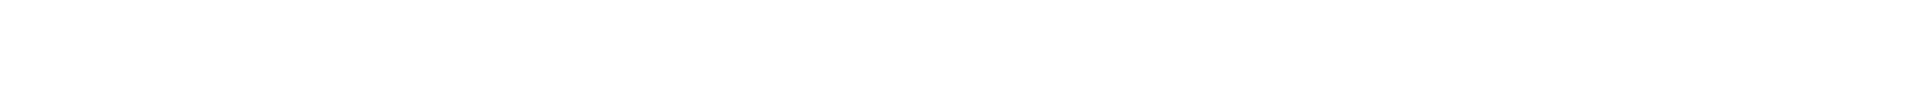 高要区金利镇兴业五金制品厂主营木板托臂、横梁托臂、伸缩衣架,欢迎您的到来!